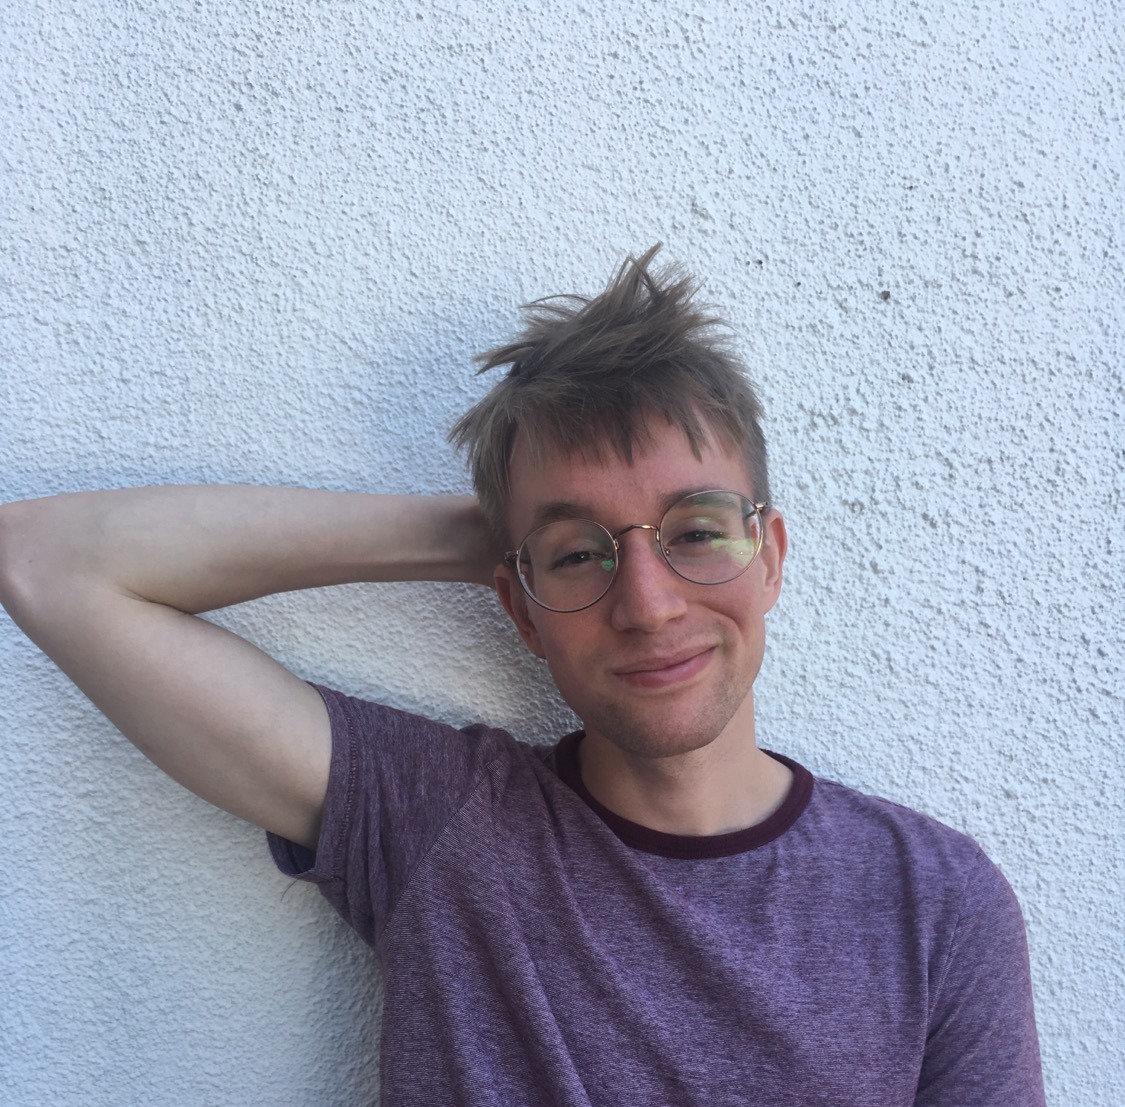 Haircut -